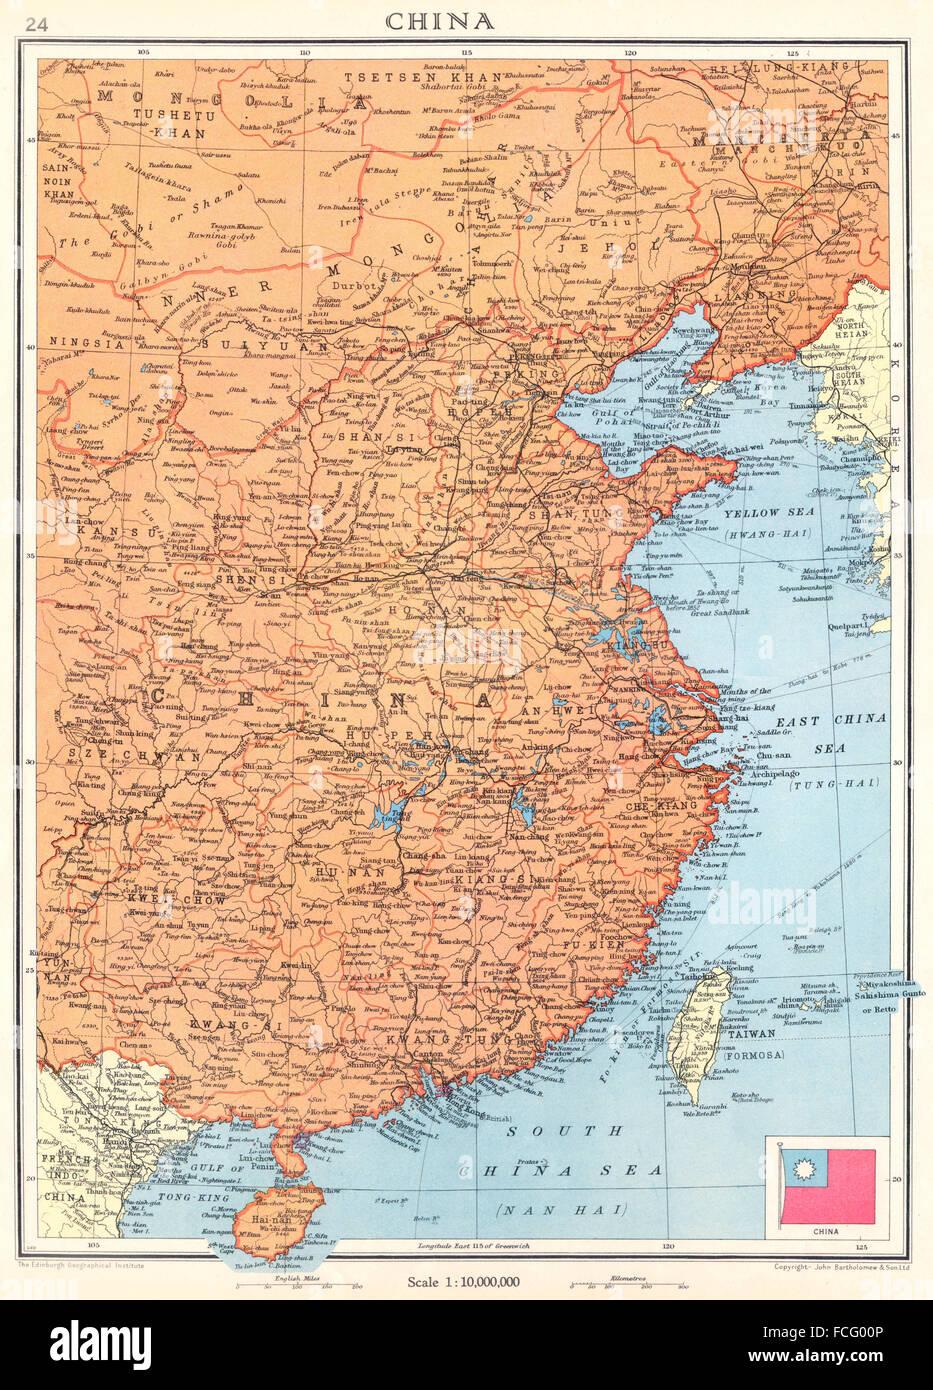 China kwang chow taiwan hong kong 1938 vintage map stock photo china kwang chow taiwan hong kong 1938 vintage map gumiabroncs Gallery